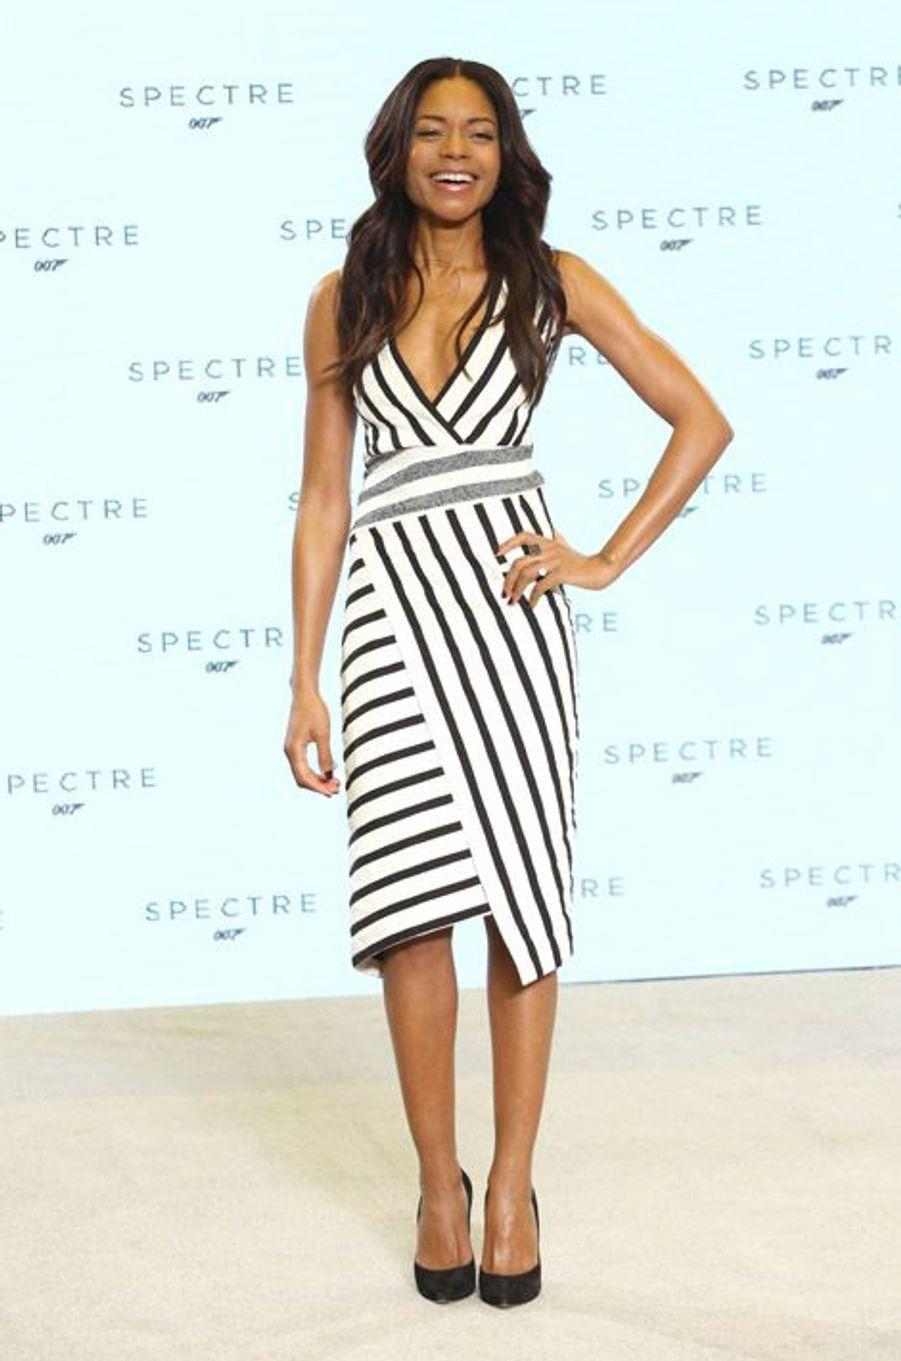 Lignes graphiques : l'actrice Naomie Harris lors de la présentation de James Bond, Spectre, à Londres, le 4 décembre 2014